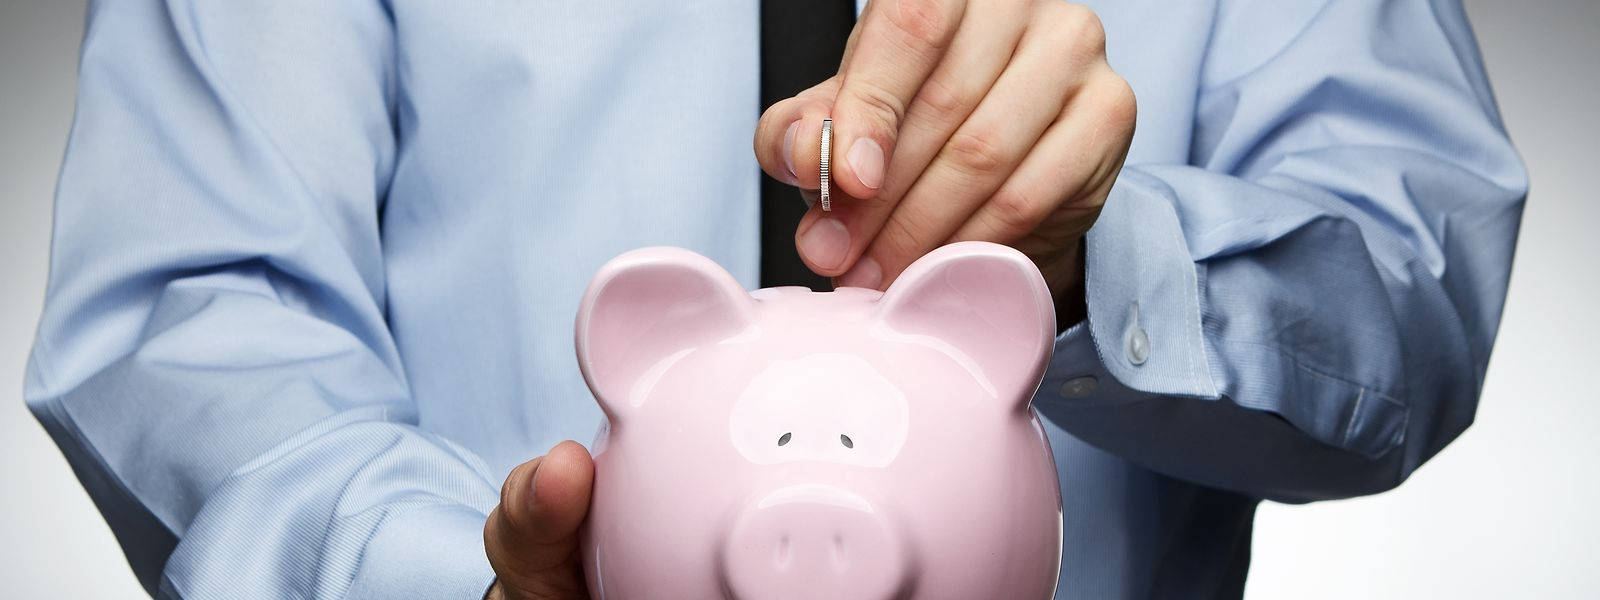 En 2018, la valeur moyenne de la dette par ménage a progressé pour atteindre les 104.800 euros.